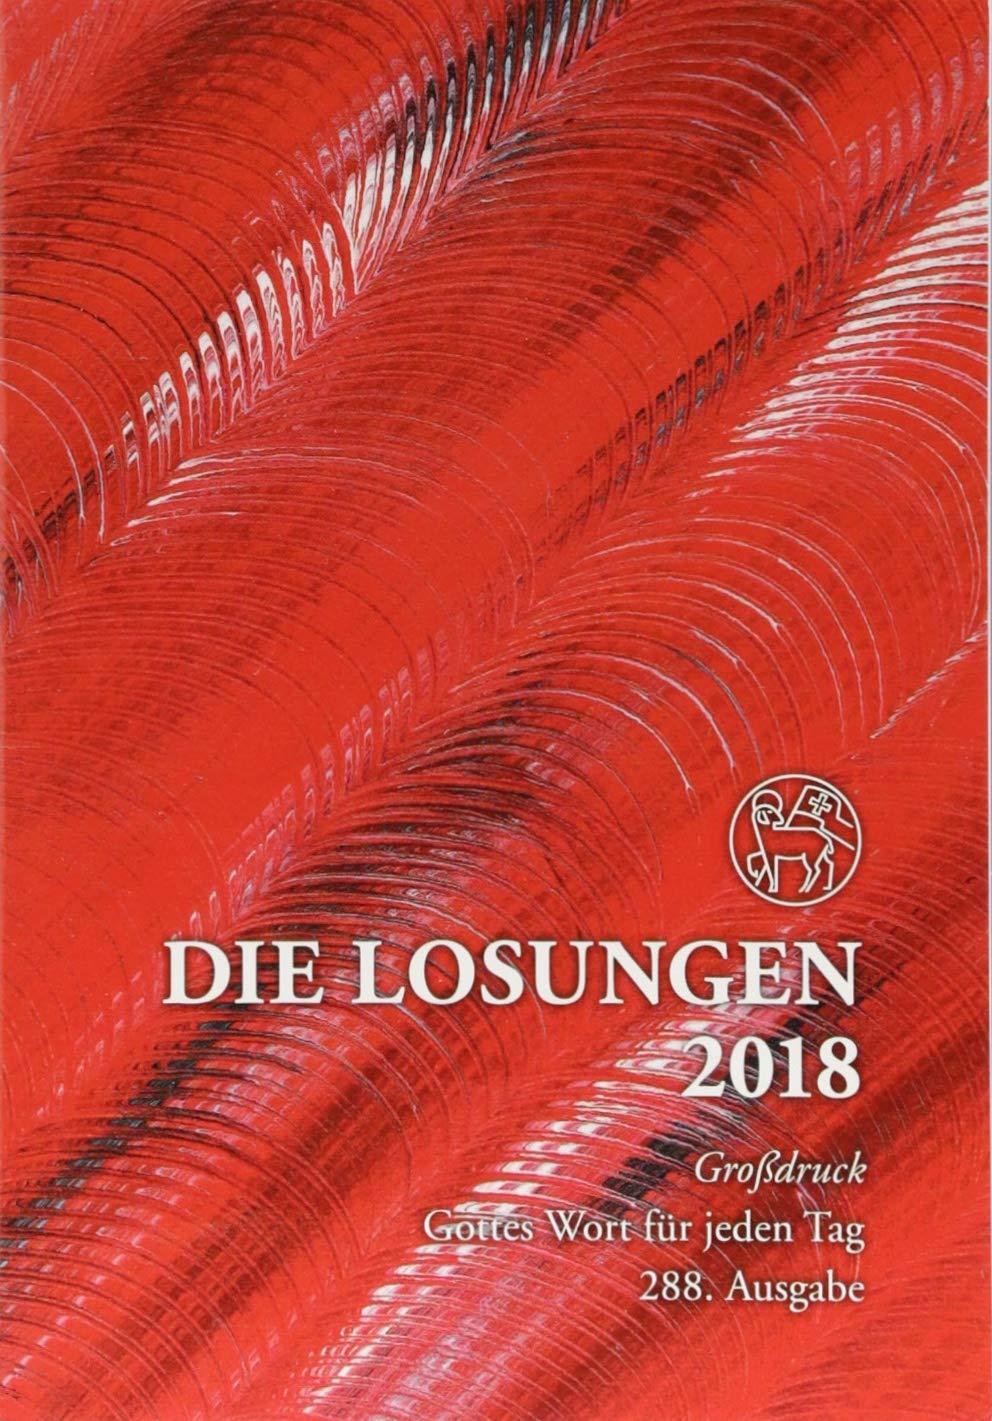 Die Losungen 2018. Deutschland/Losungen 2018: Geschenk-Grossdruckausgabe (Deutschland)